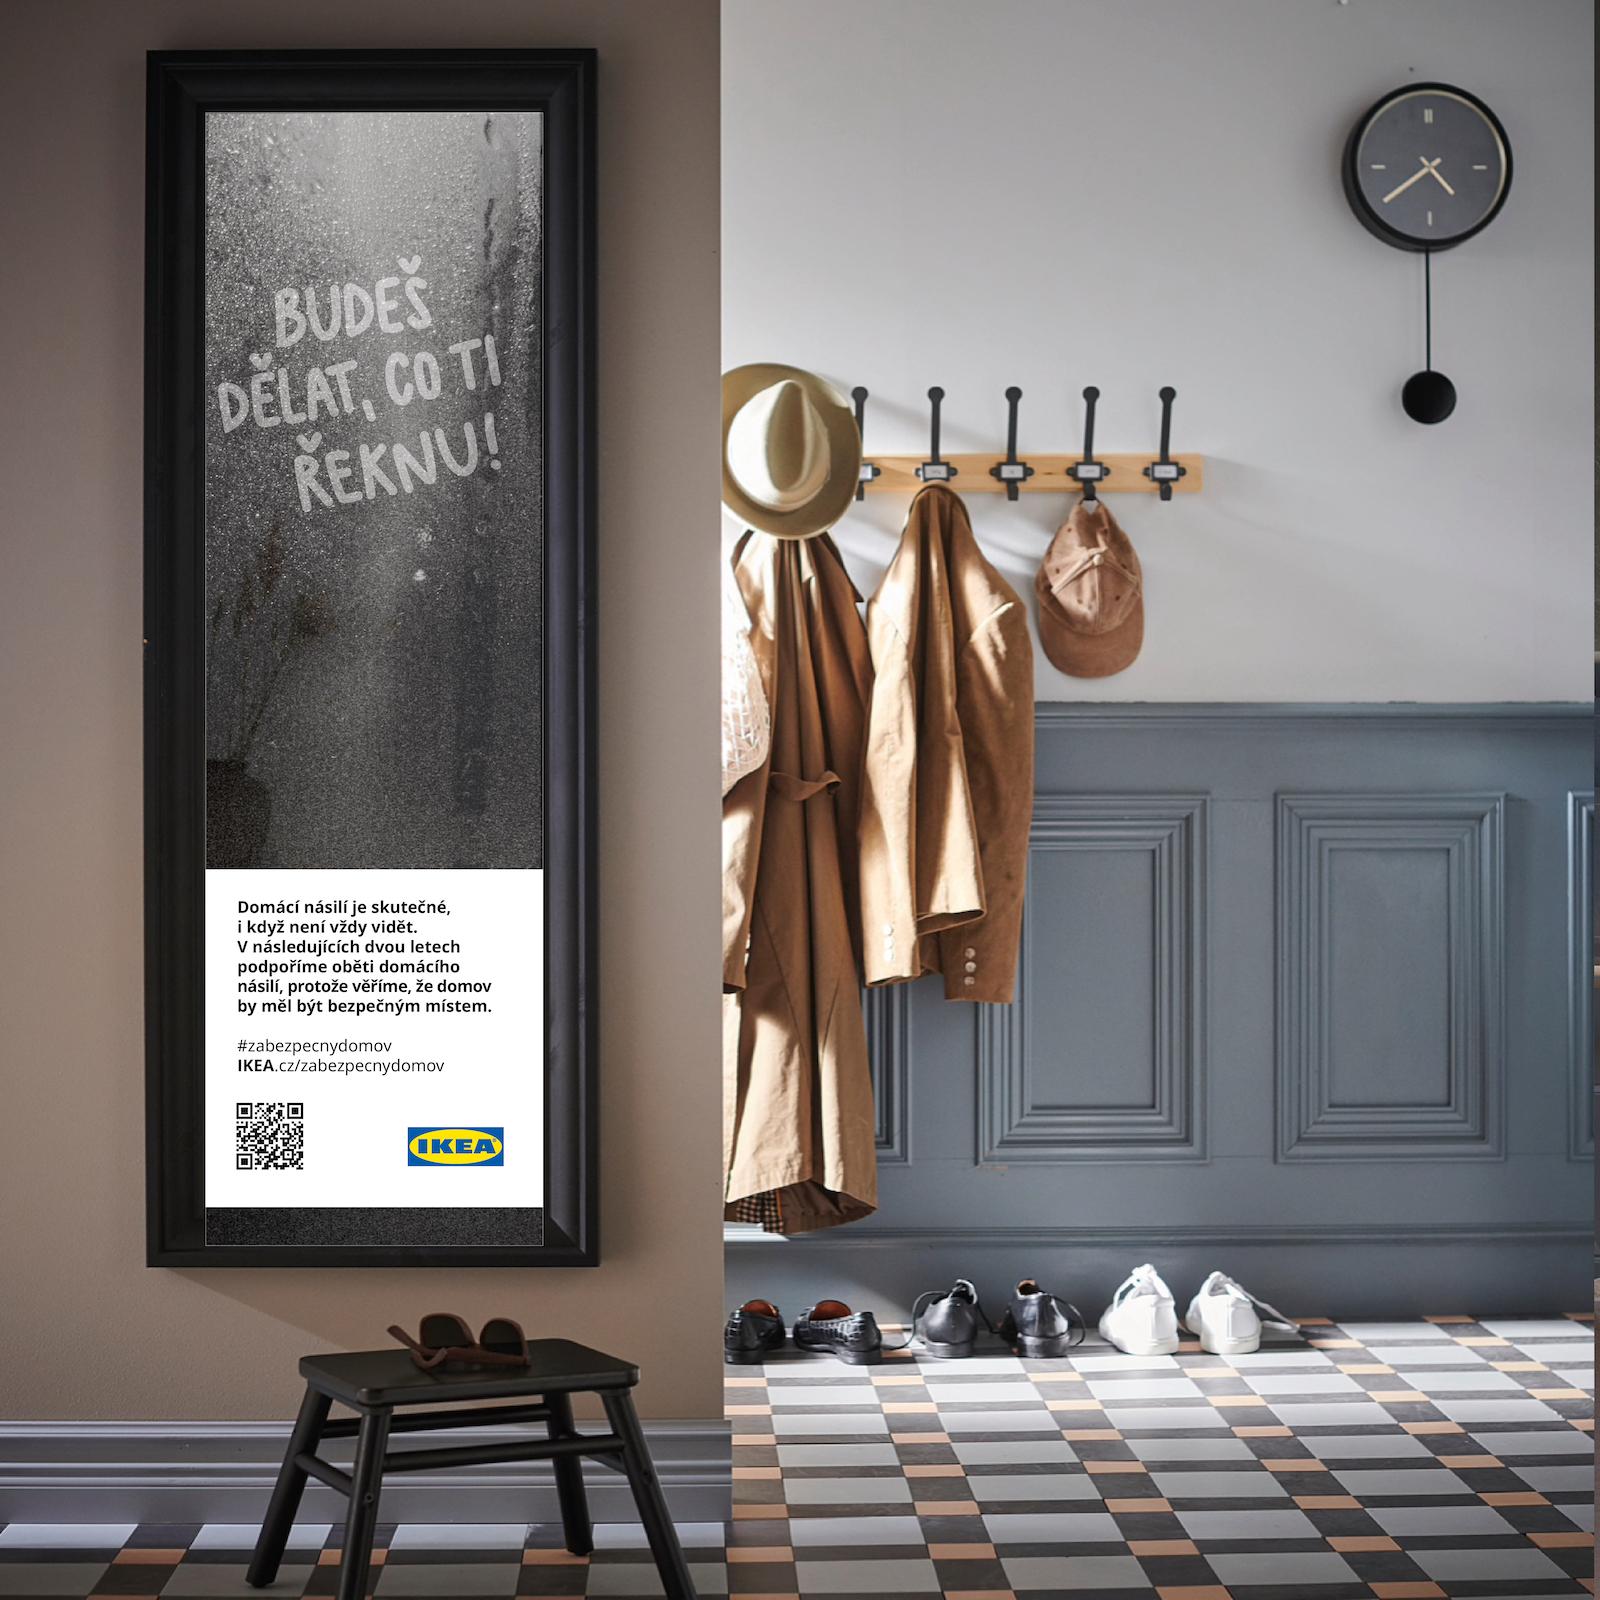 Ikea: Za bezpečný domov (Triad Advertising)